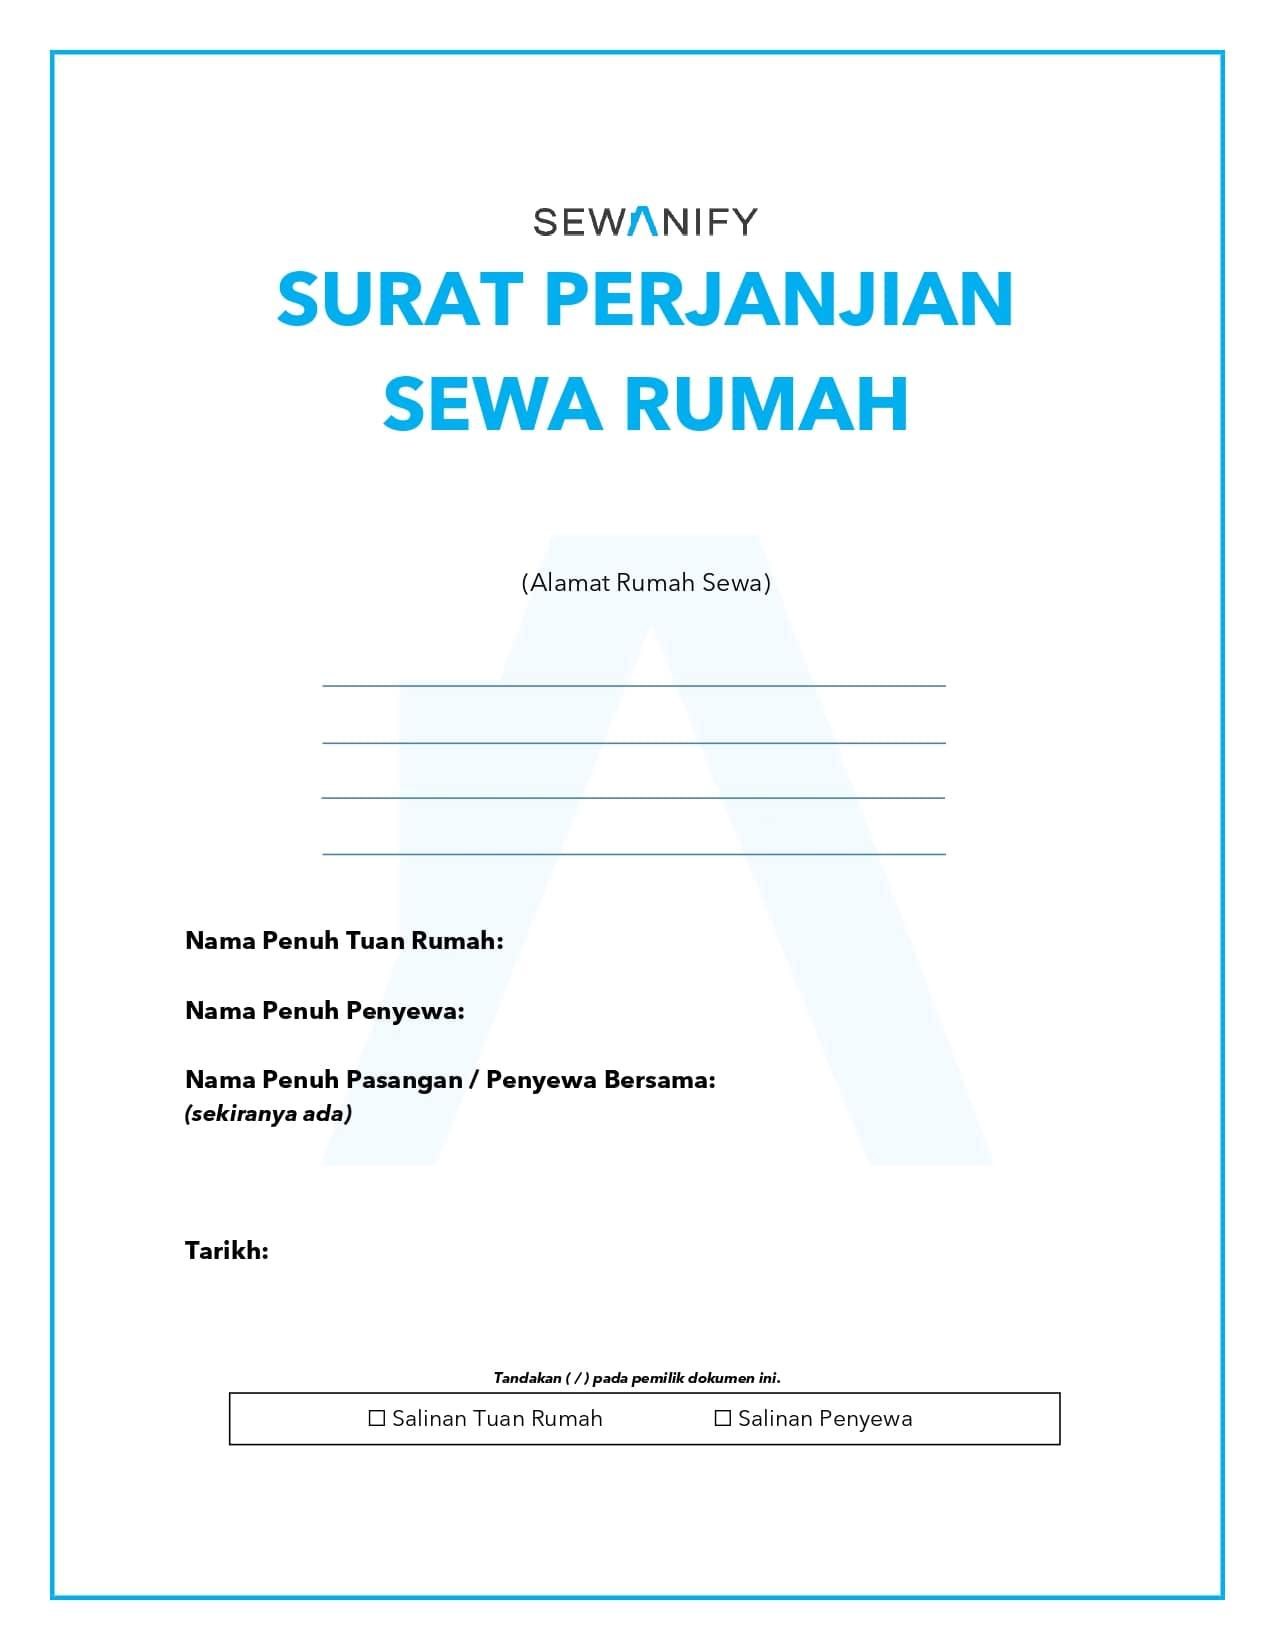 Muka Hadapan - Surat Perjanjian Sewa Rumah 2021 | Tenancy Agreement Malaysia